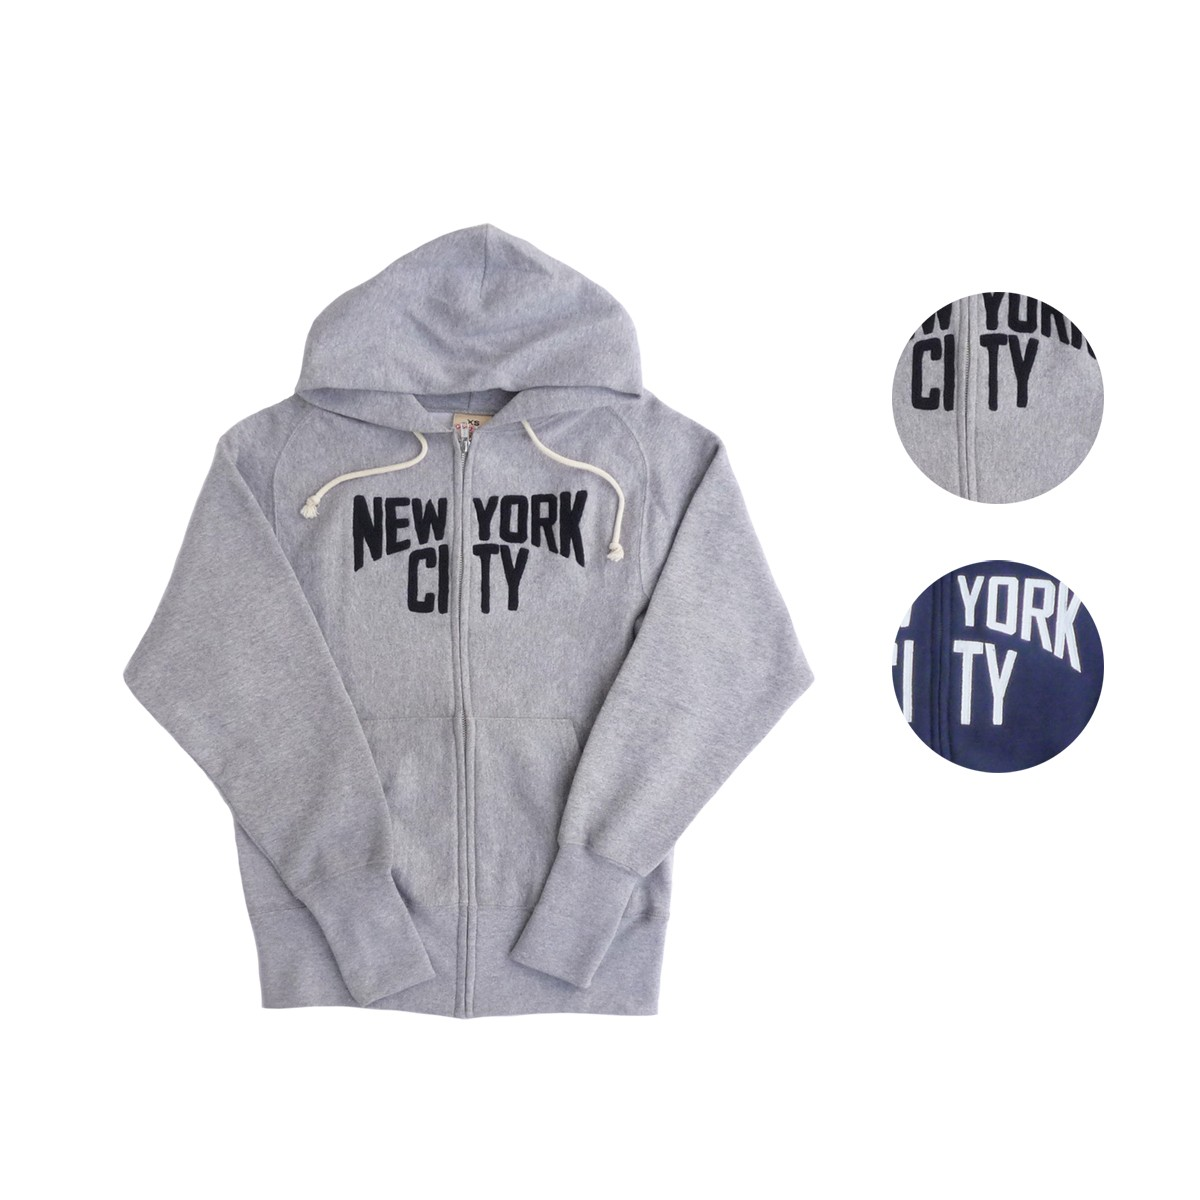 画像1: Goodwear グッドウェア APPLIQUE ZIP HOODIE NEW YORK CITY 全2色 メンズ/レディース (1)